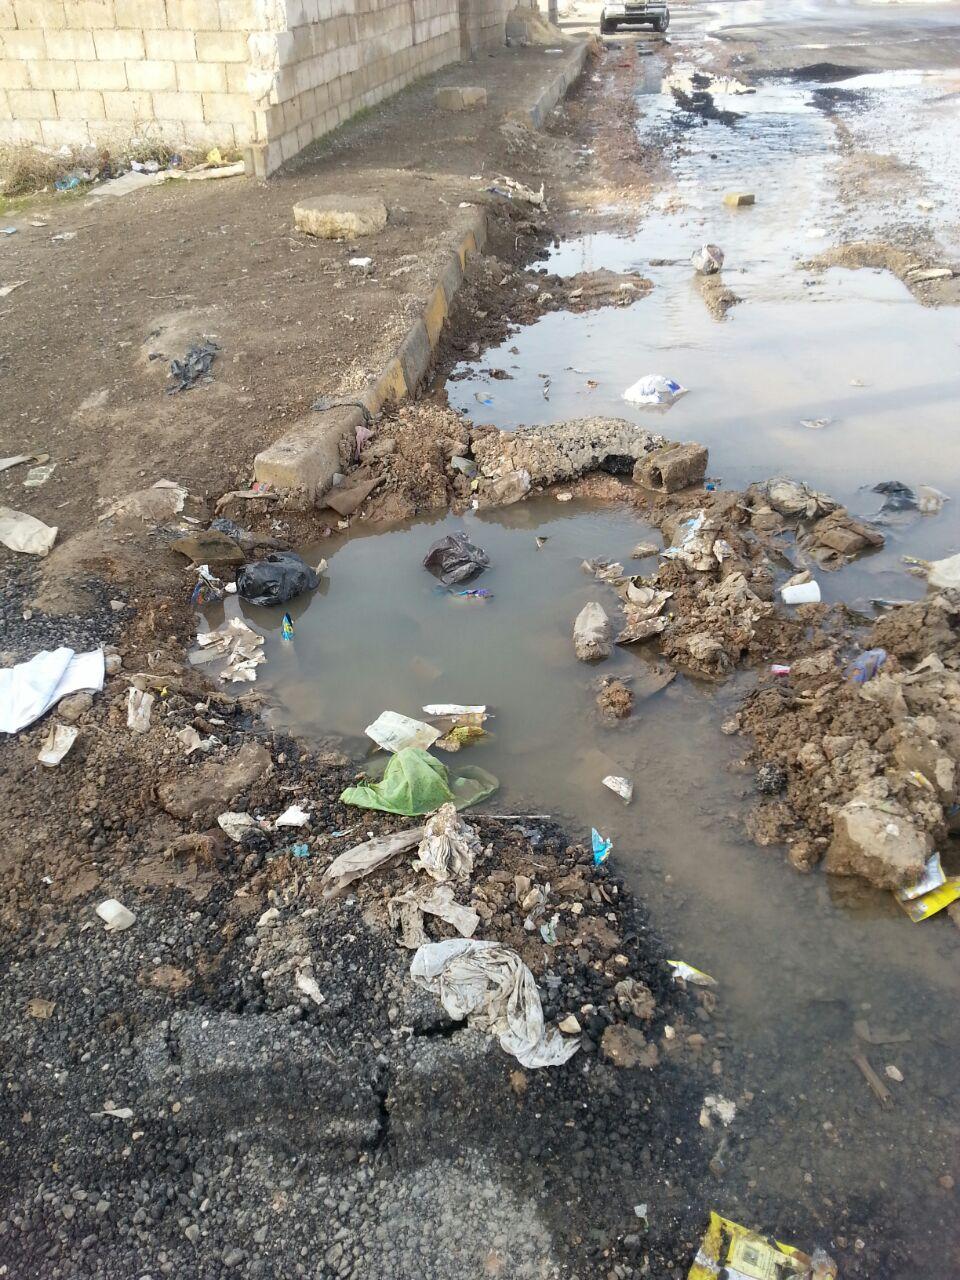 امام حازم الناصر .. المياه تغرق شوارع بلعما المفرق..و الجهات المعنية غايبة فيله